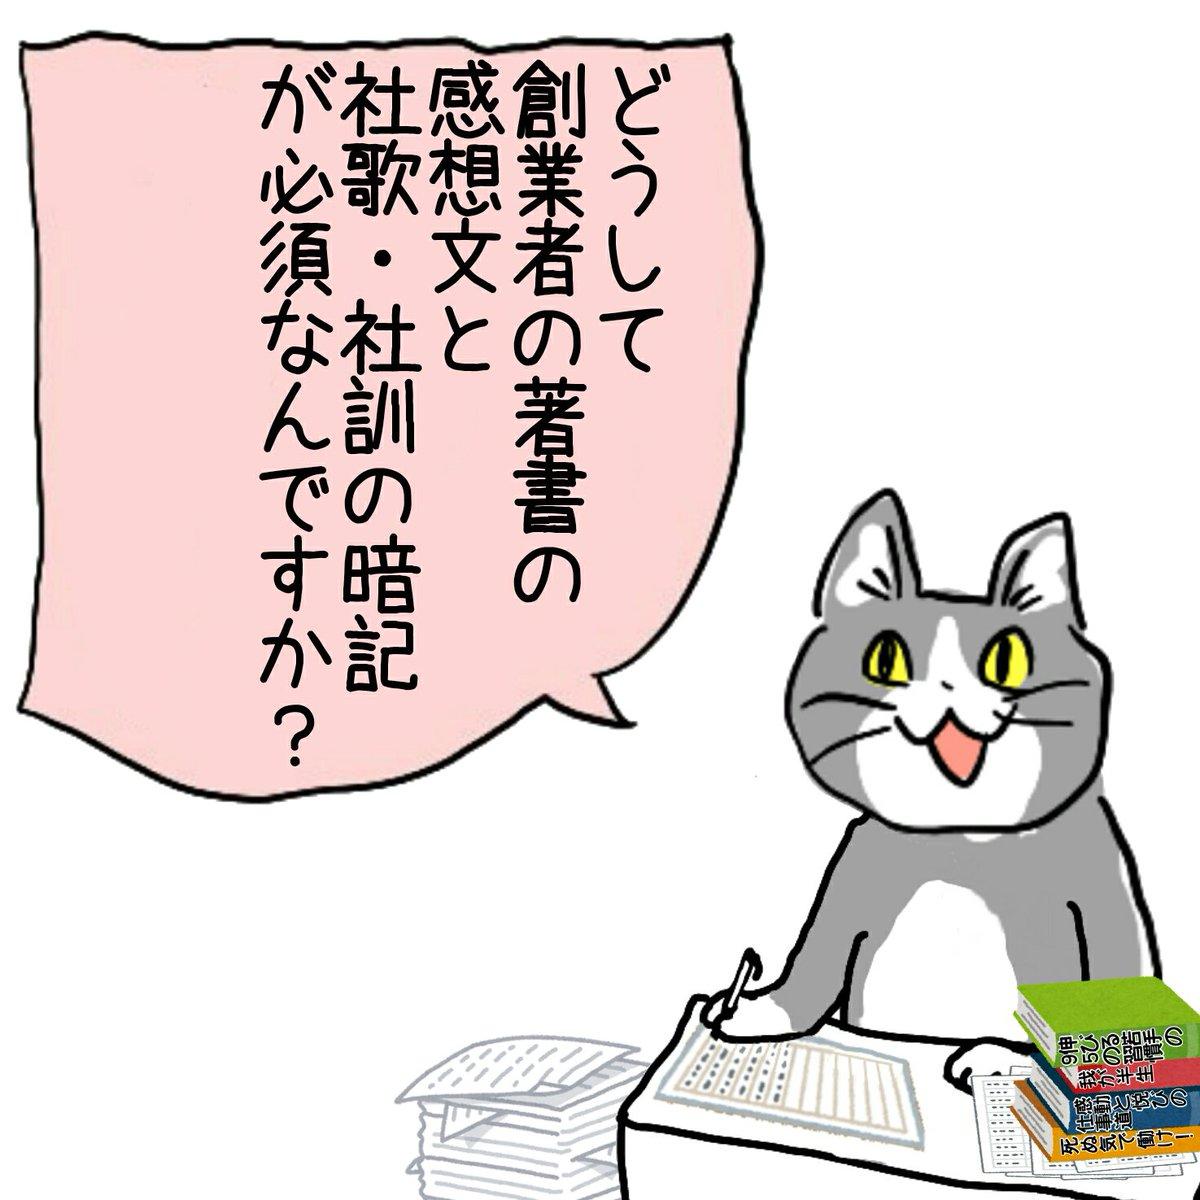 入社前の課題に勤しむ新卒内定猫 現場猫 電話猫